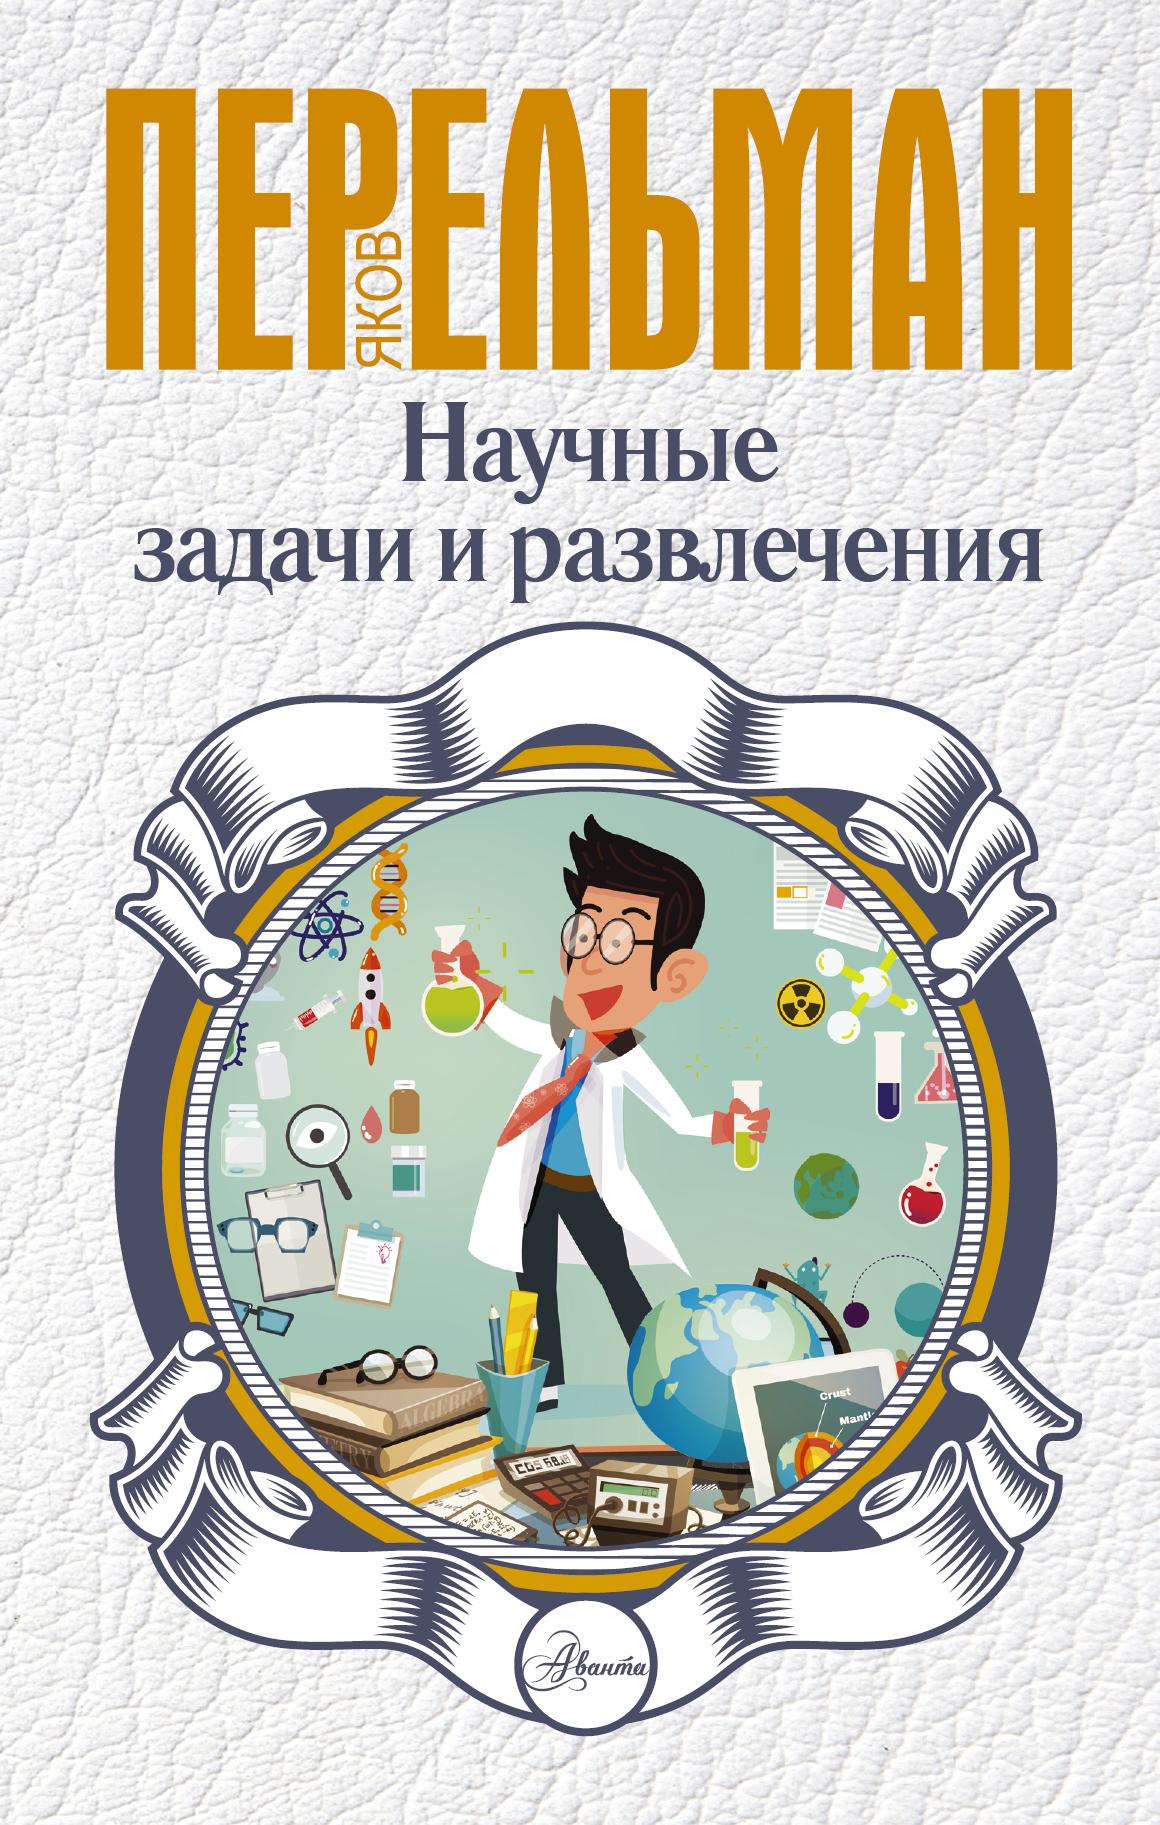 Перельман Я.И. Научные задачи и развлечения